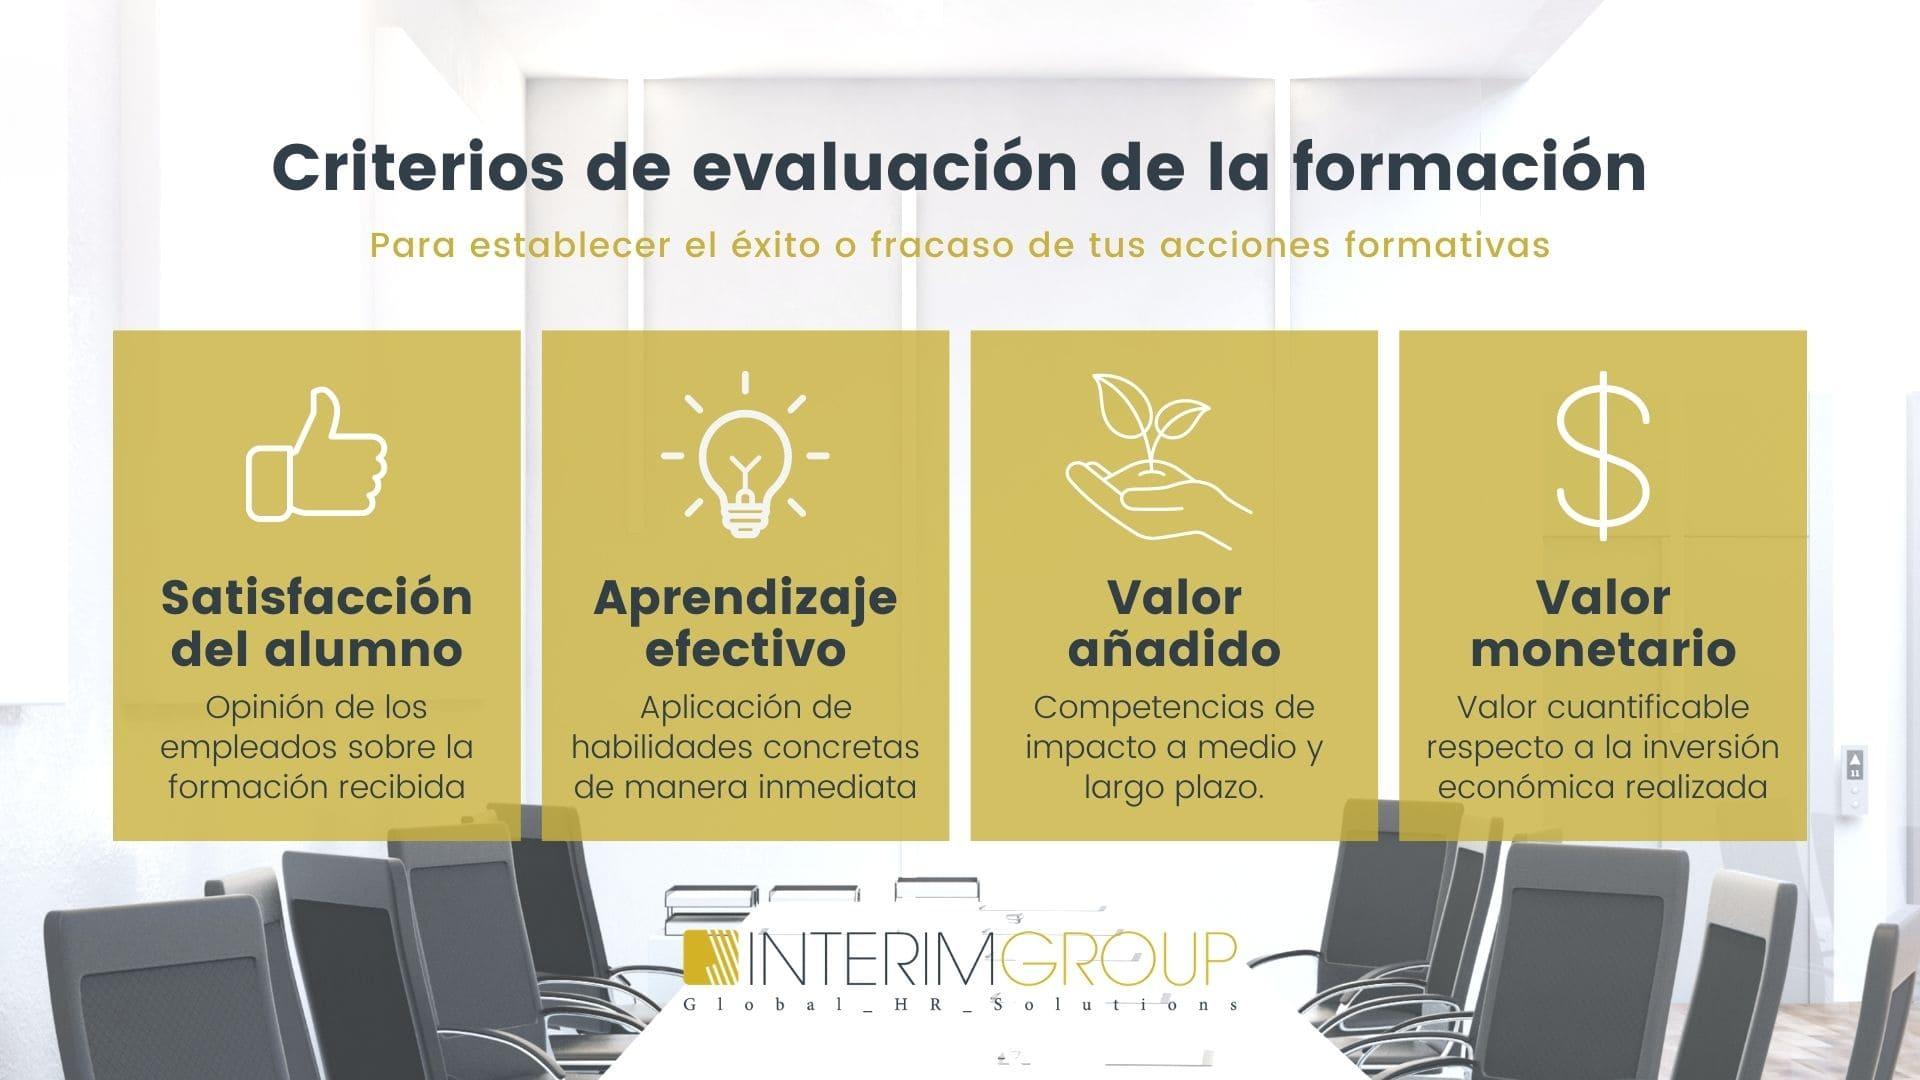 Formación-rentable-empresas_INTERIM-GROUP